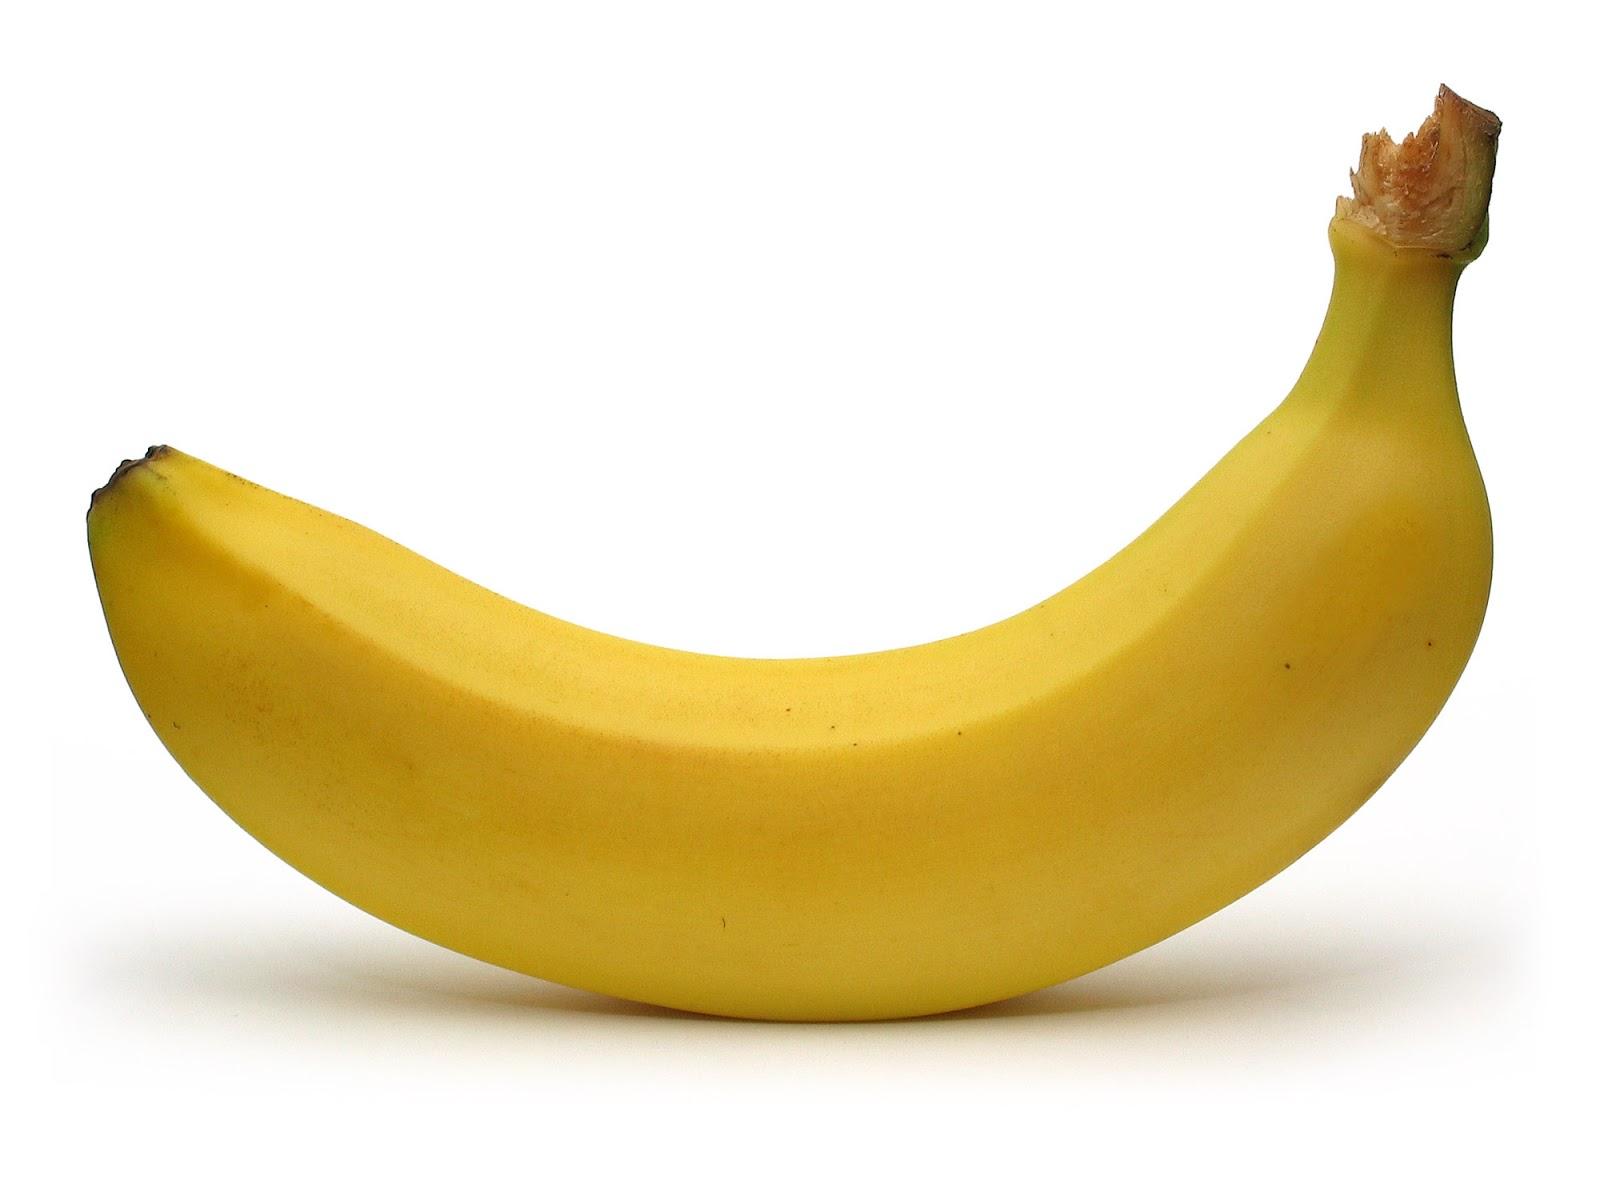 Imagenes de bananas